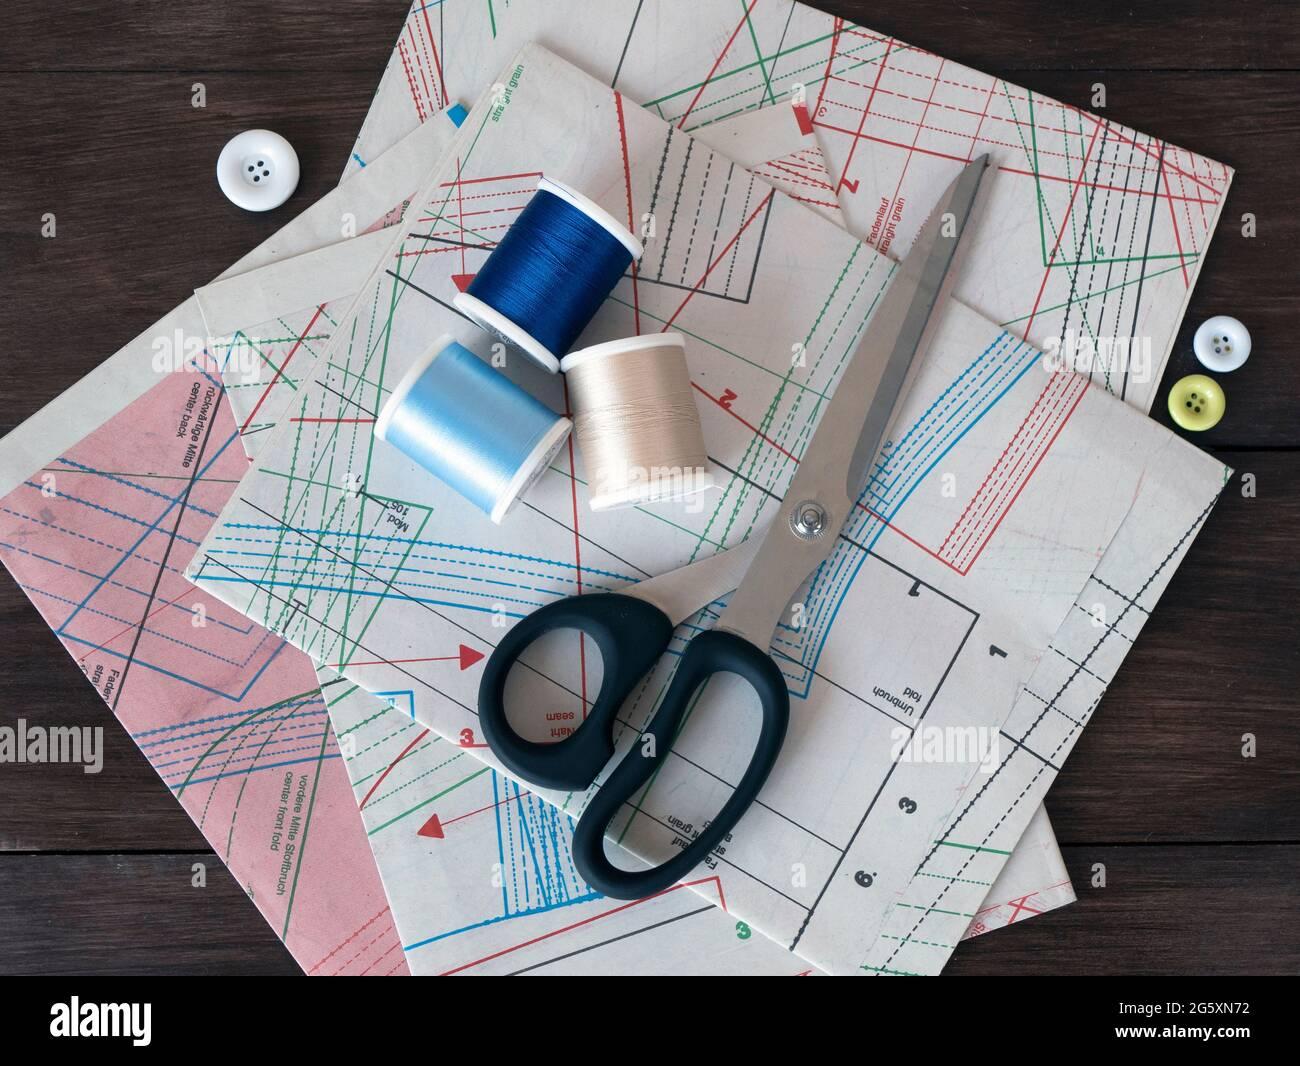 Hojas de dibujo para coser, tijeras de vendaje, carretes y botones sobre un fondo de madera oscura. Patrones de ropa profesional y artículos de costura Foto de stock